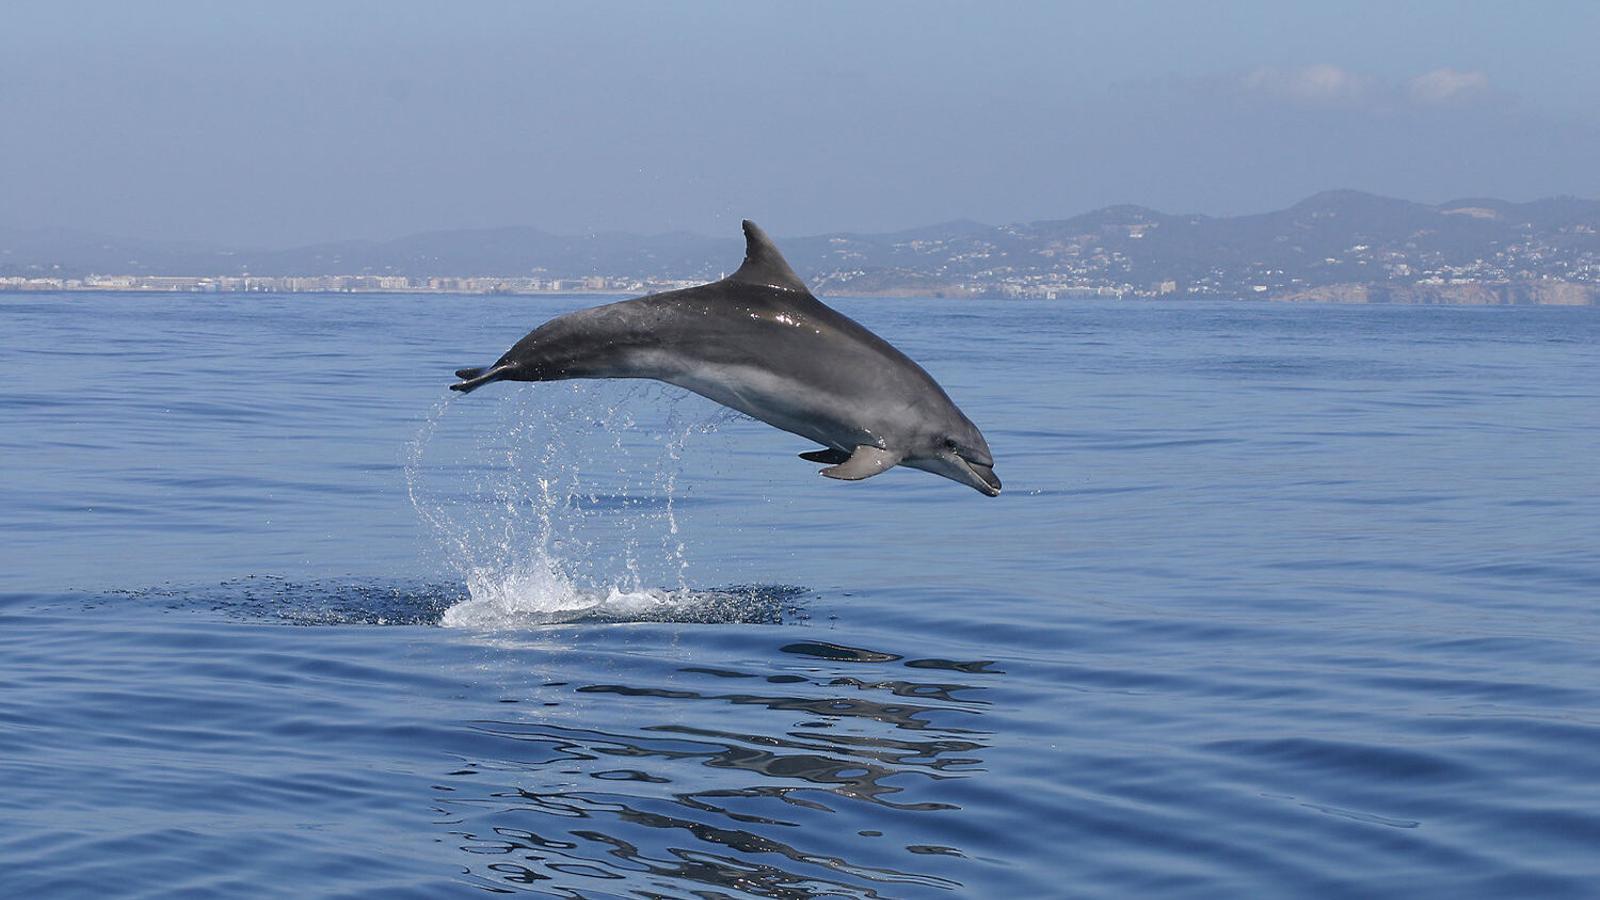 De l'estudi s'ha conclòs la presència de cinc espècies diferents de dofí.